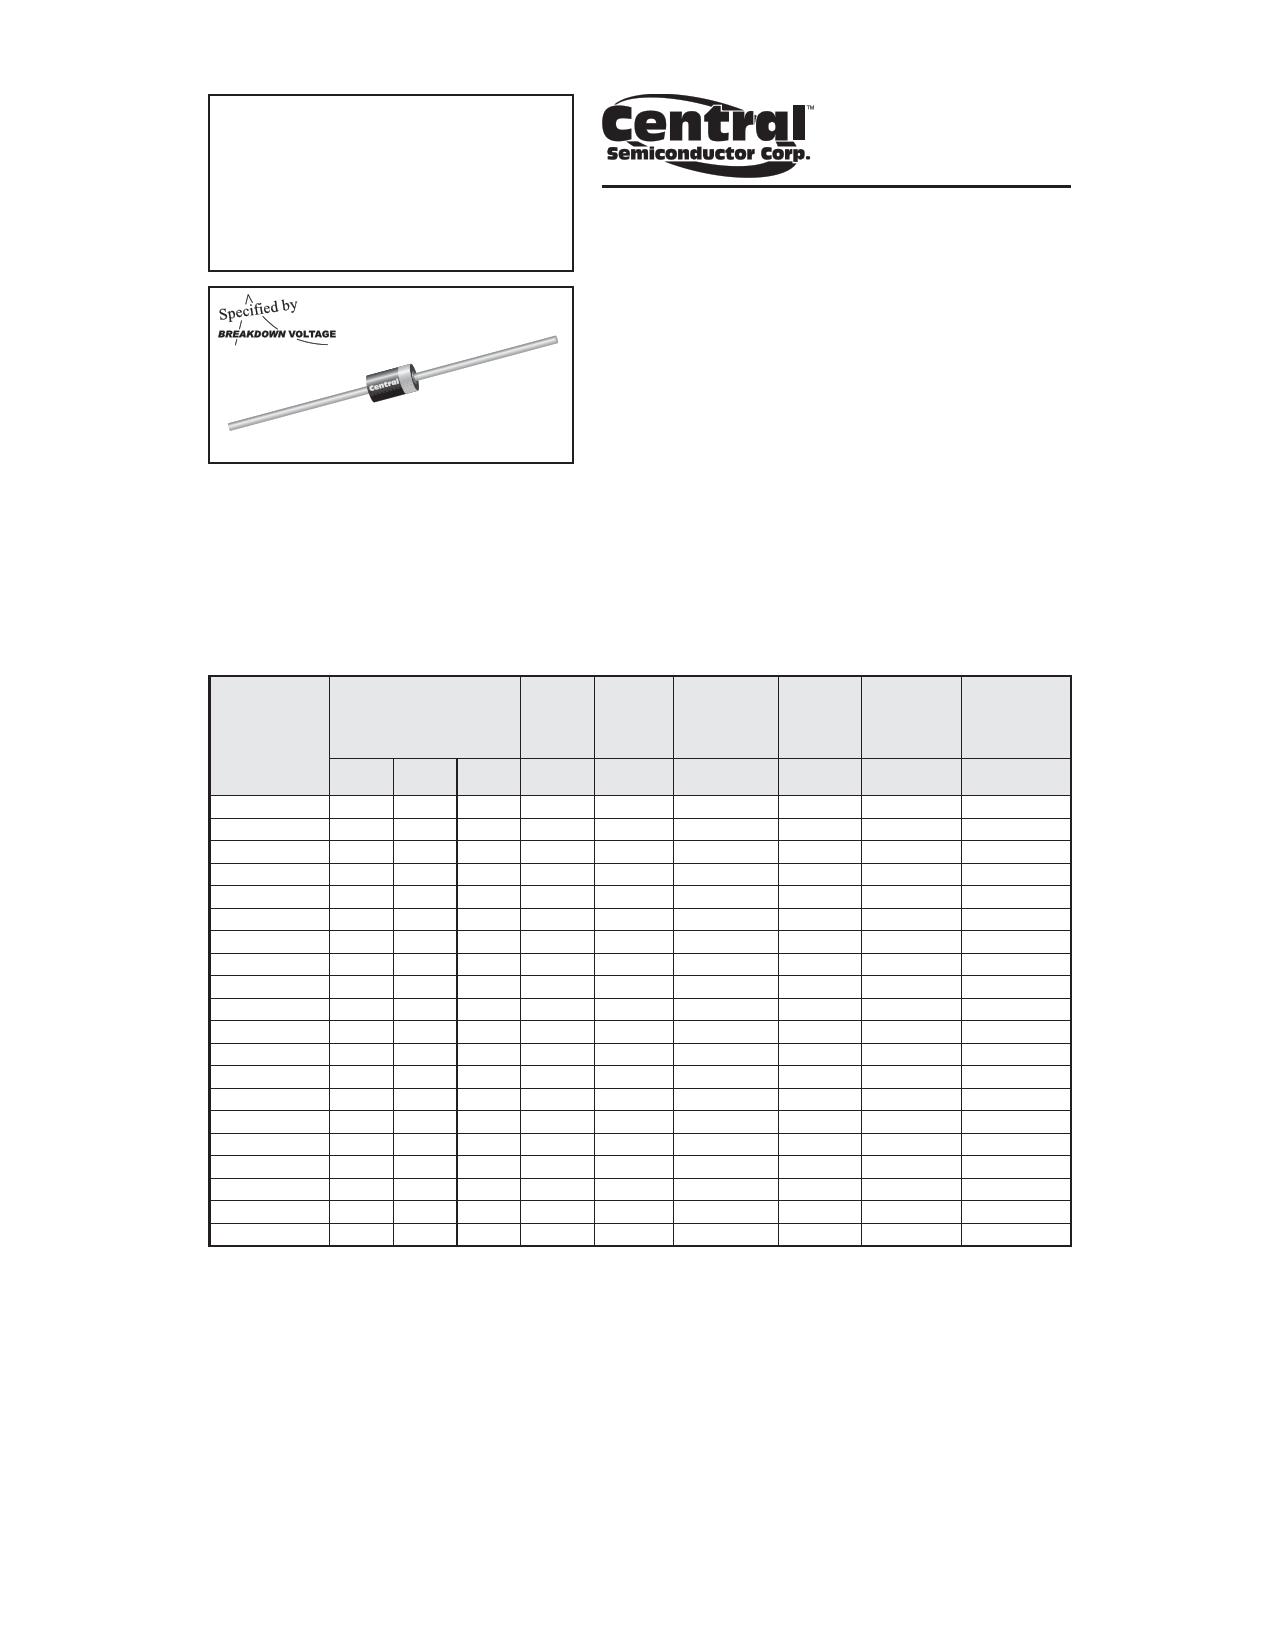 1.5CE16CA datasheet